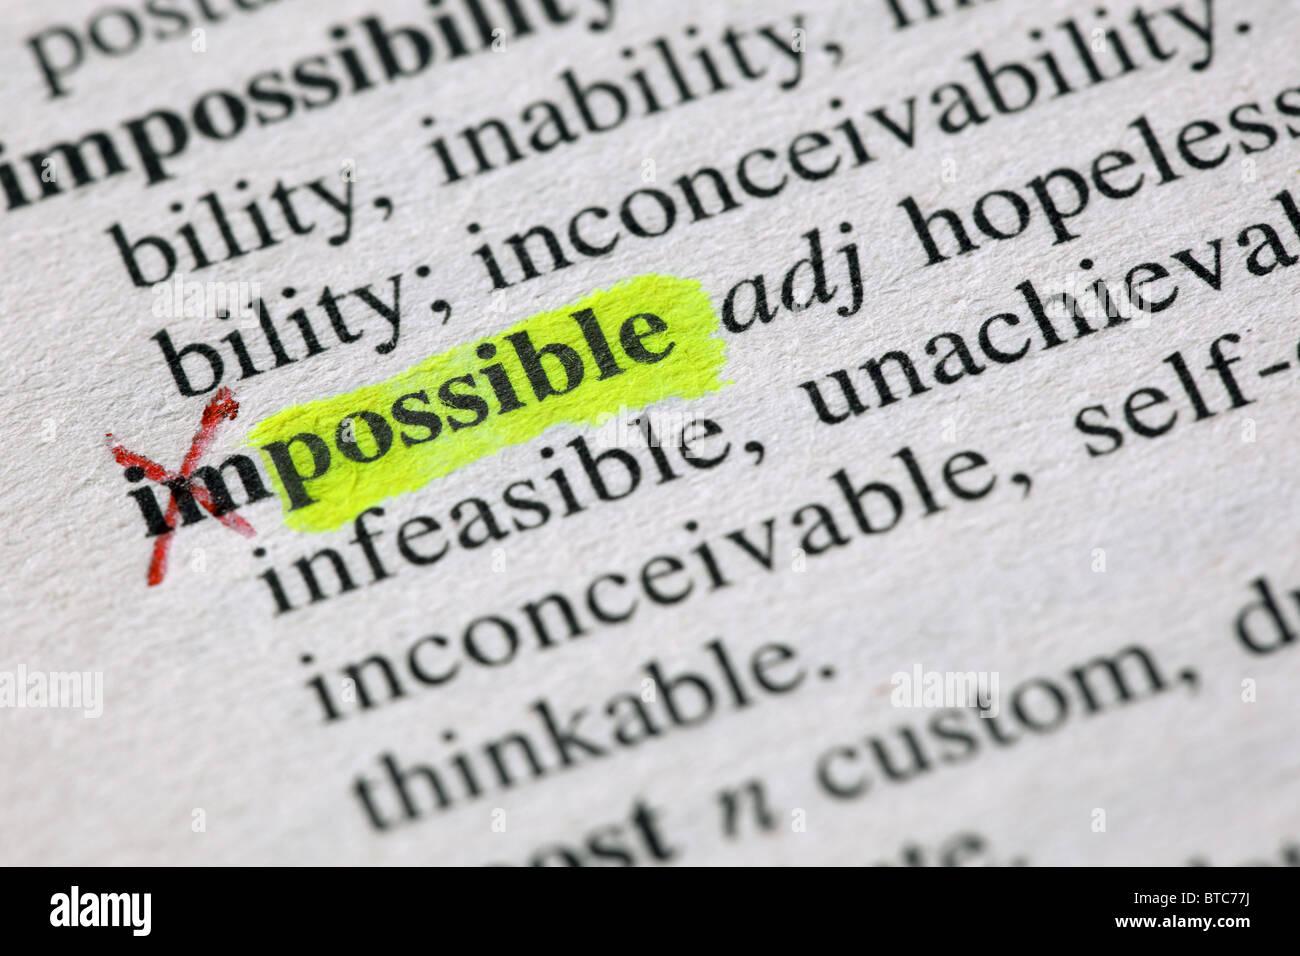 Desde la imposible la posible Imagen De Stock